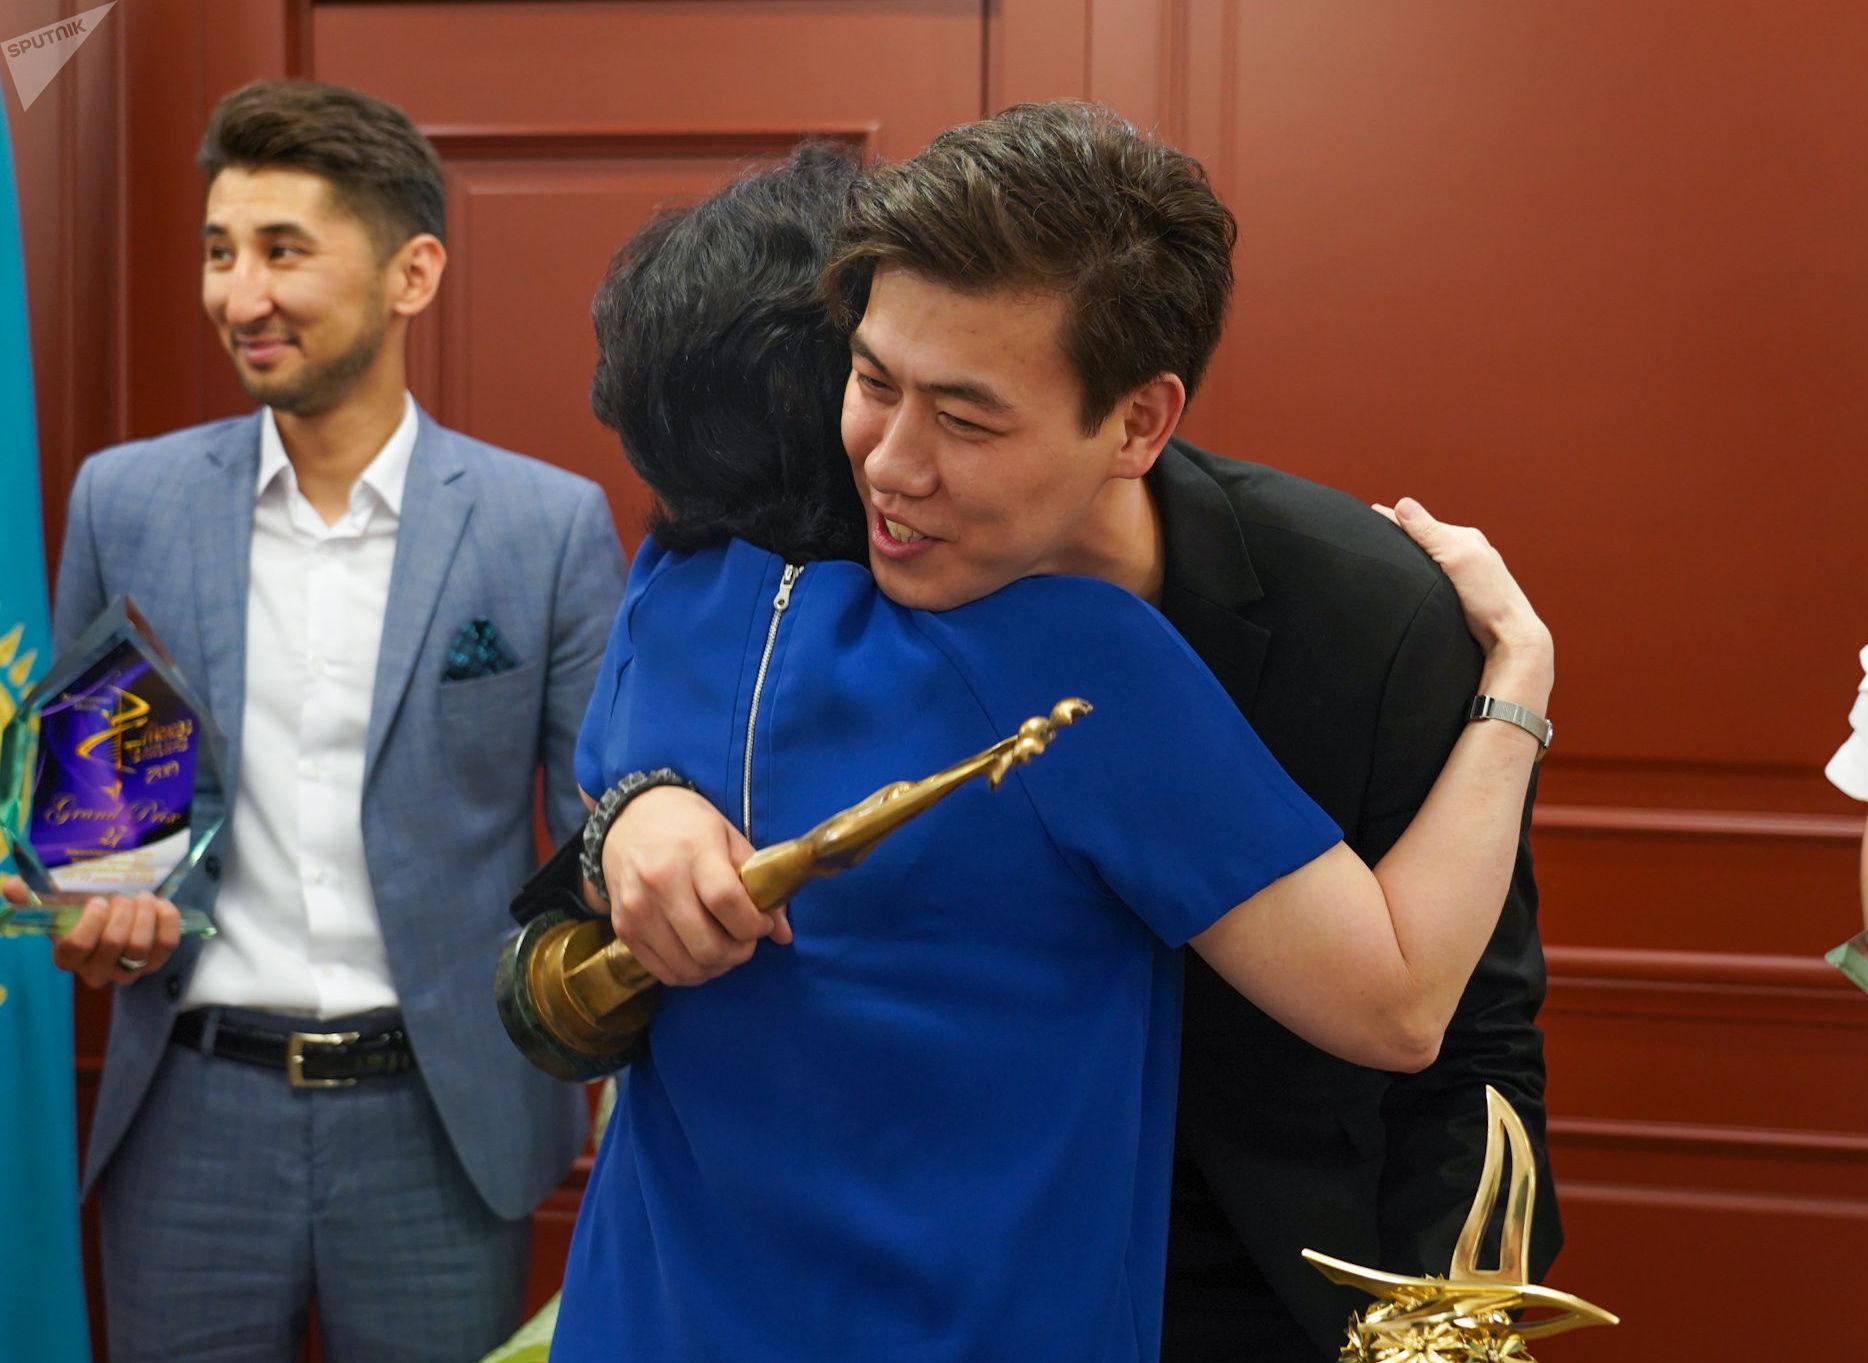 Министр культуры Актоты Раимкулова поздравляет Адильхана Макина с победой на Славянском базаре